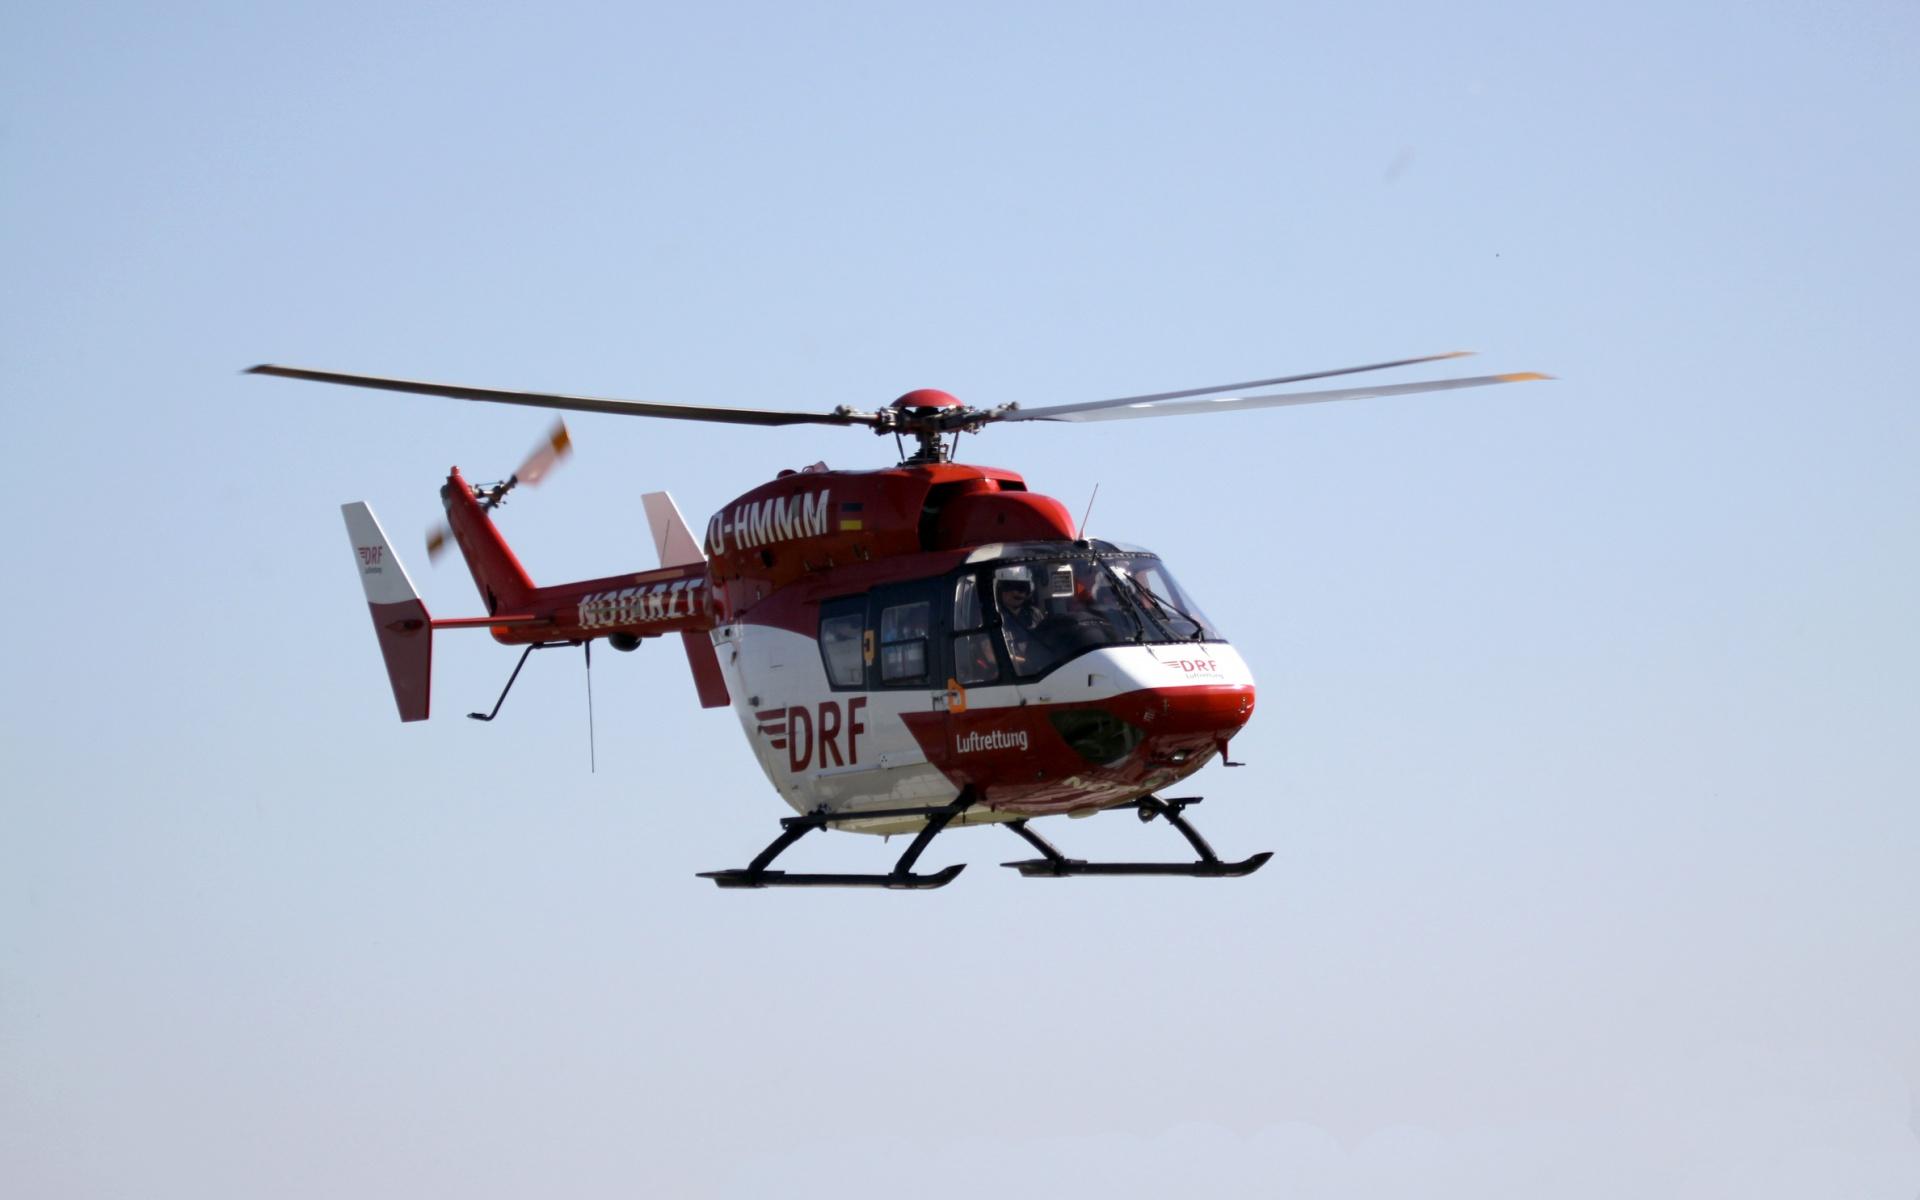 Schreck auf dem Weg zur Schule: Ein mit 48 Kindern besetzter Schulbus hat einen Unfall. Ein Großaufgebot an Rettungskräften wird alarmiert, auch Christoph 53 der DRF Luftrettung kommt zum Einsatz. Symbolbild.